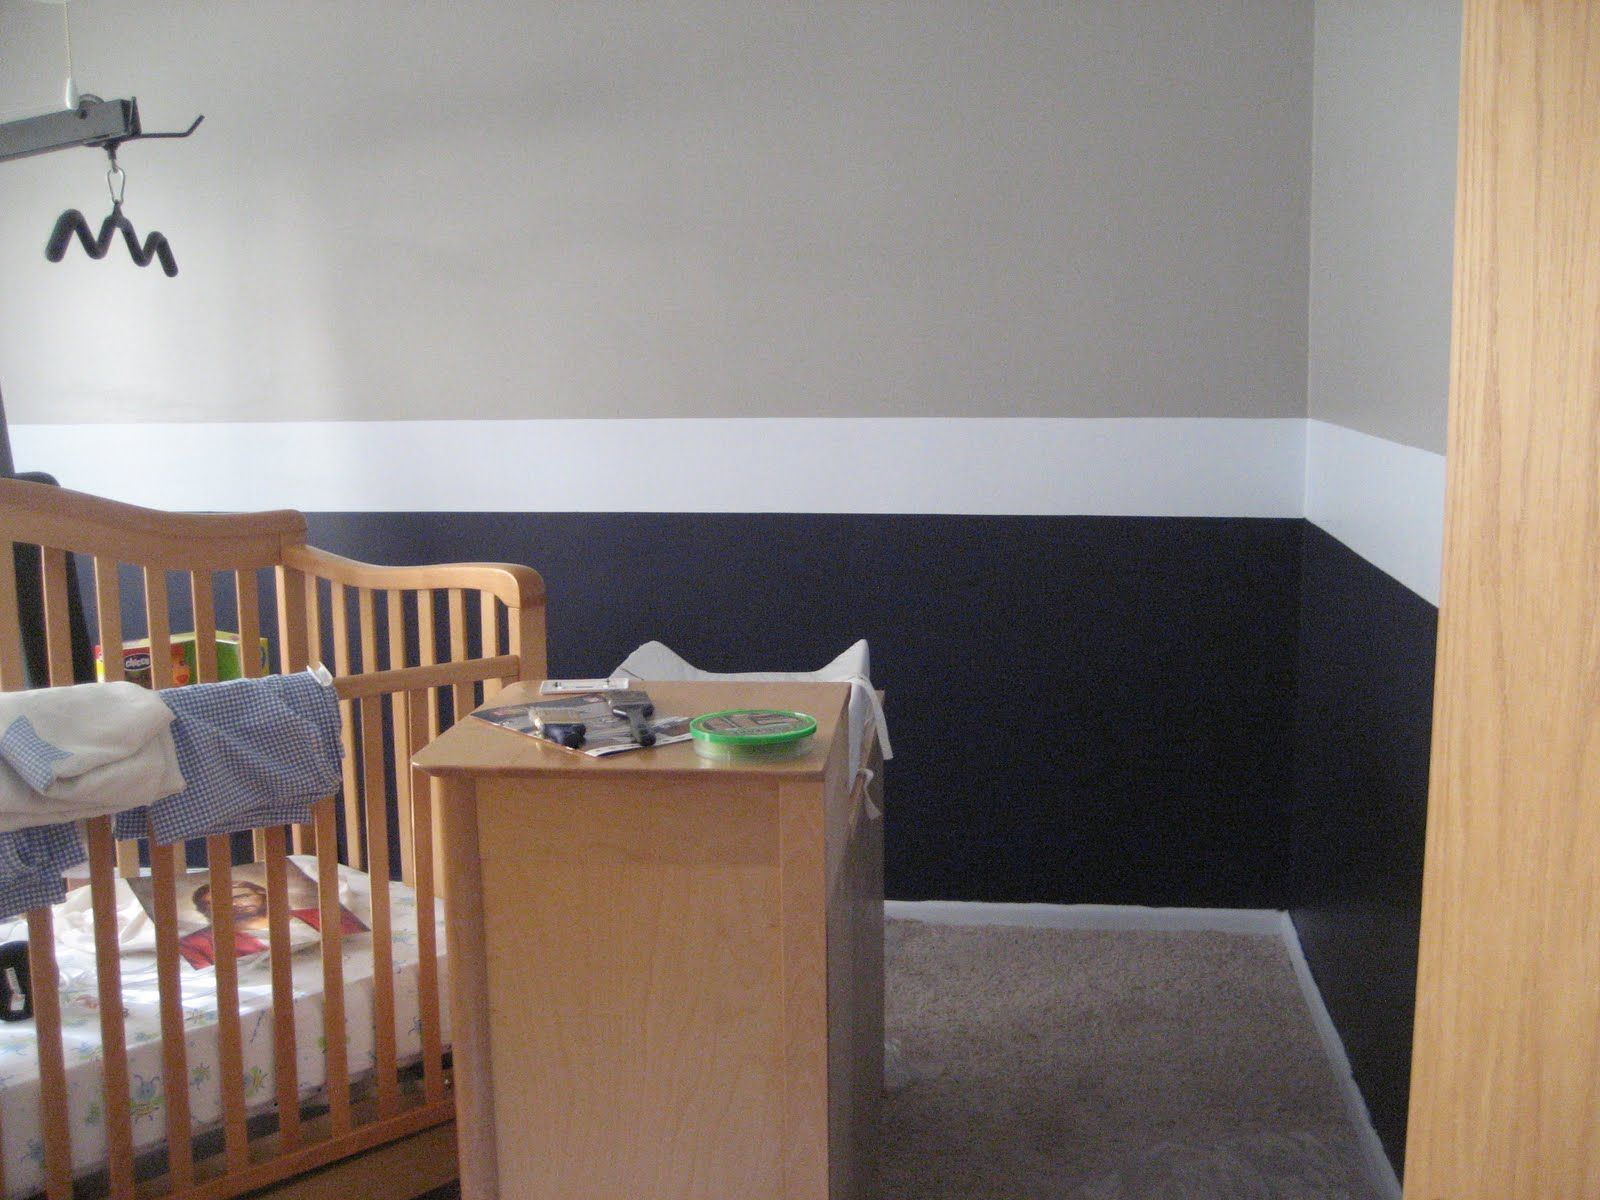 Dallas Cowboys Room Decor In 2020